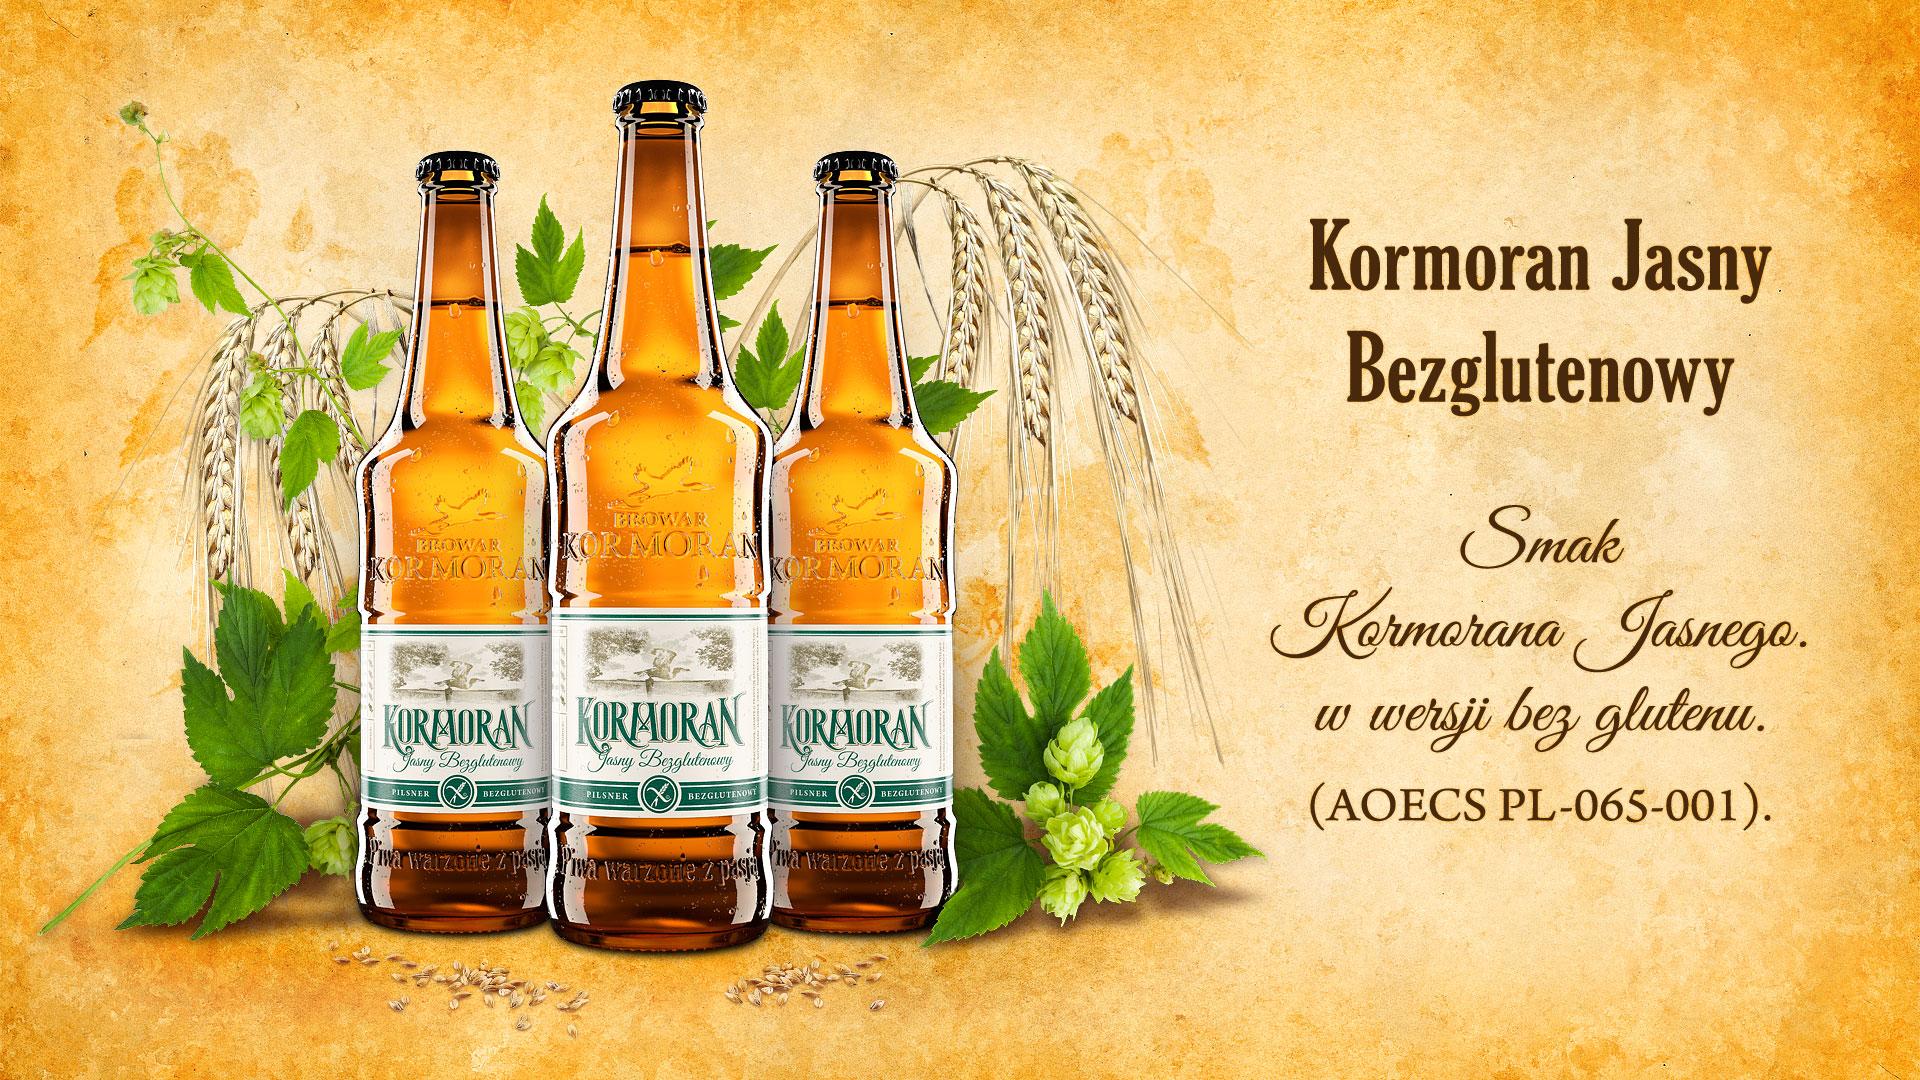 Piwo Kormoran Jasny Bezglutenwy - Browar Kormoran